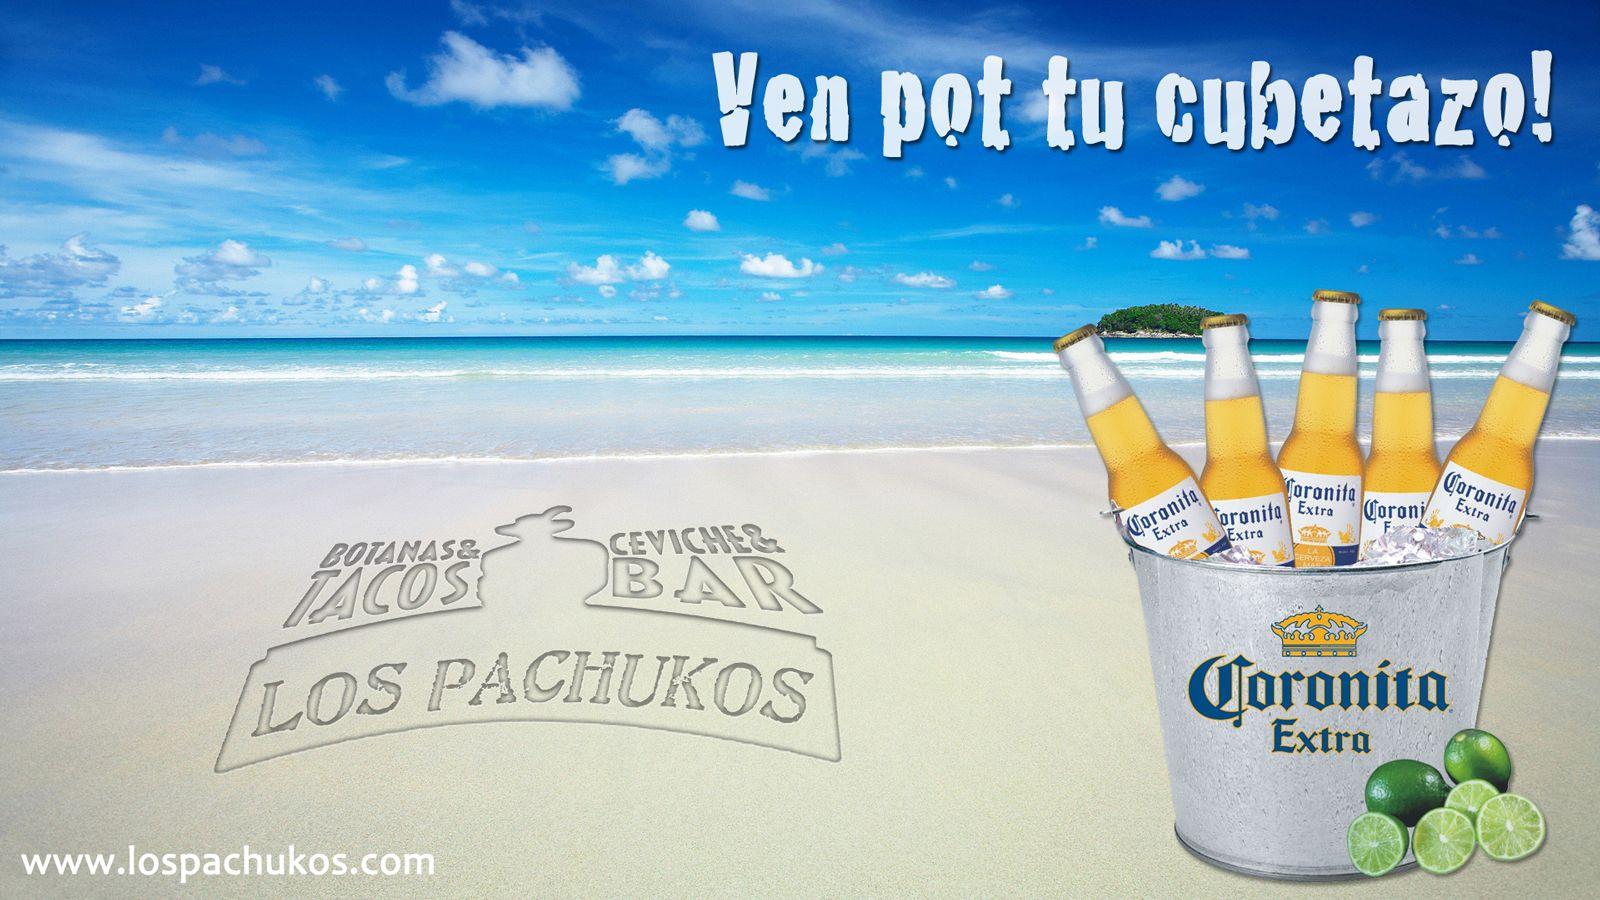 Ve a disfrutar de un refrescante cubetazo de Corona o Pacifico en Los Pachukos restaurante playa del carmen.